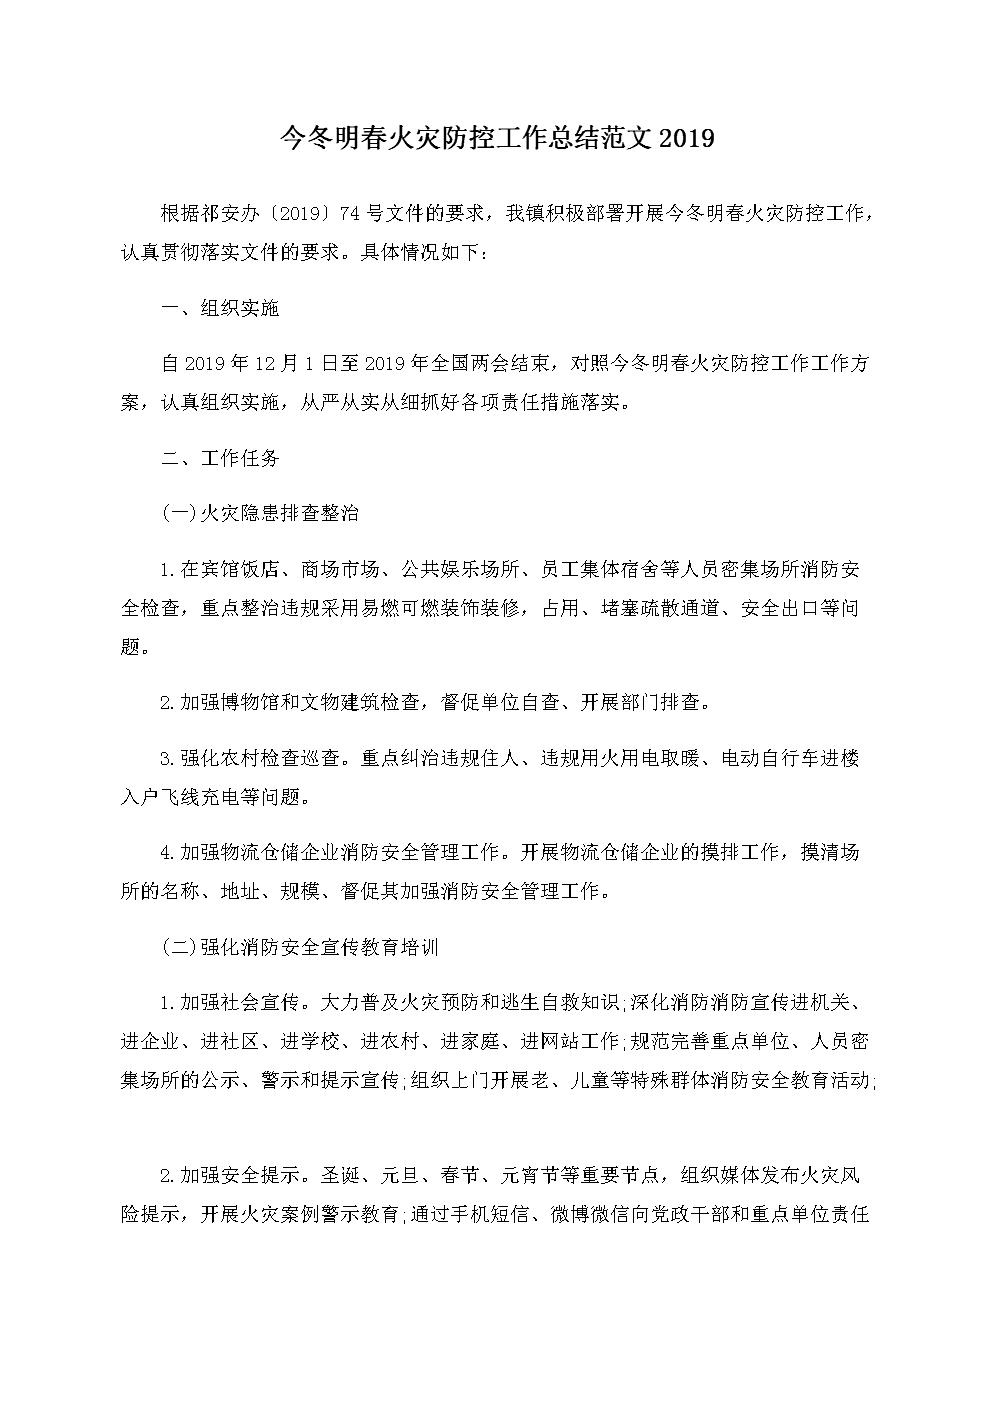 今冬明春火灾防控工作总结范文2019.docx